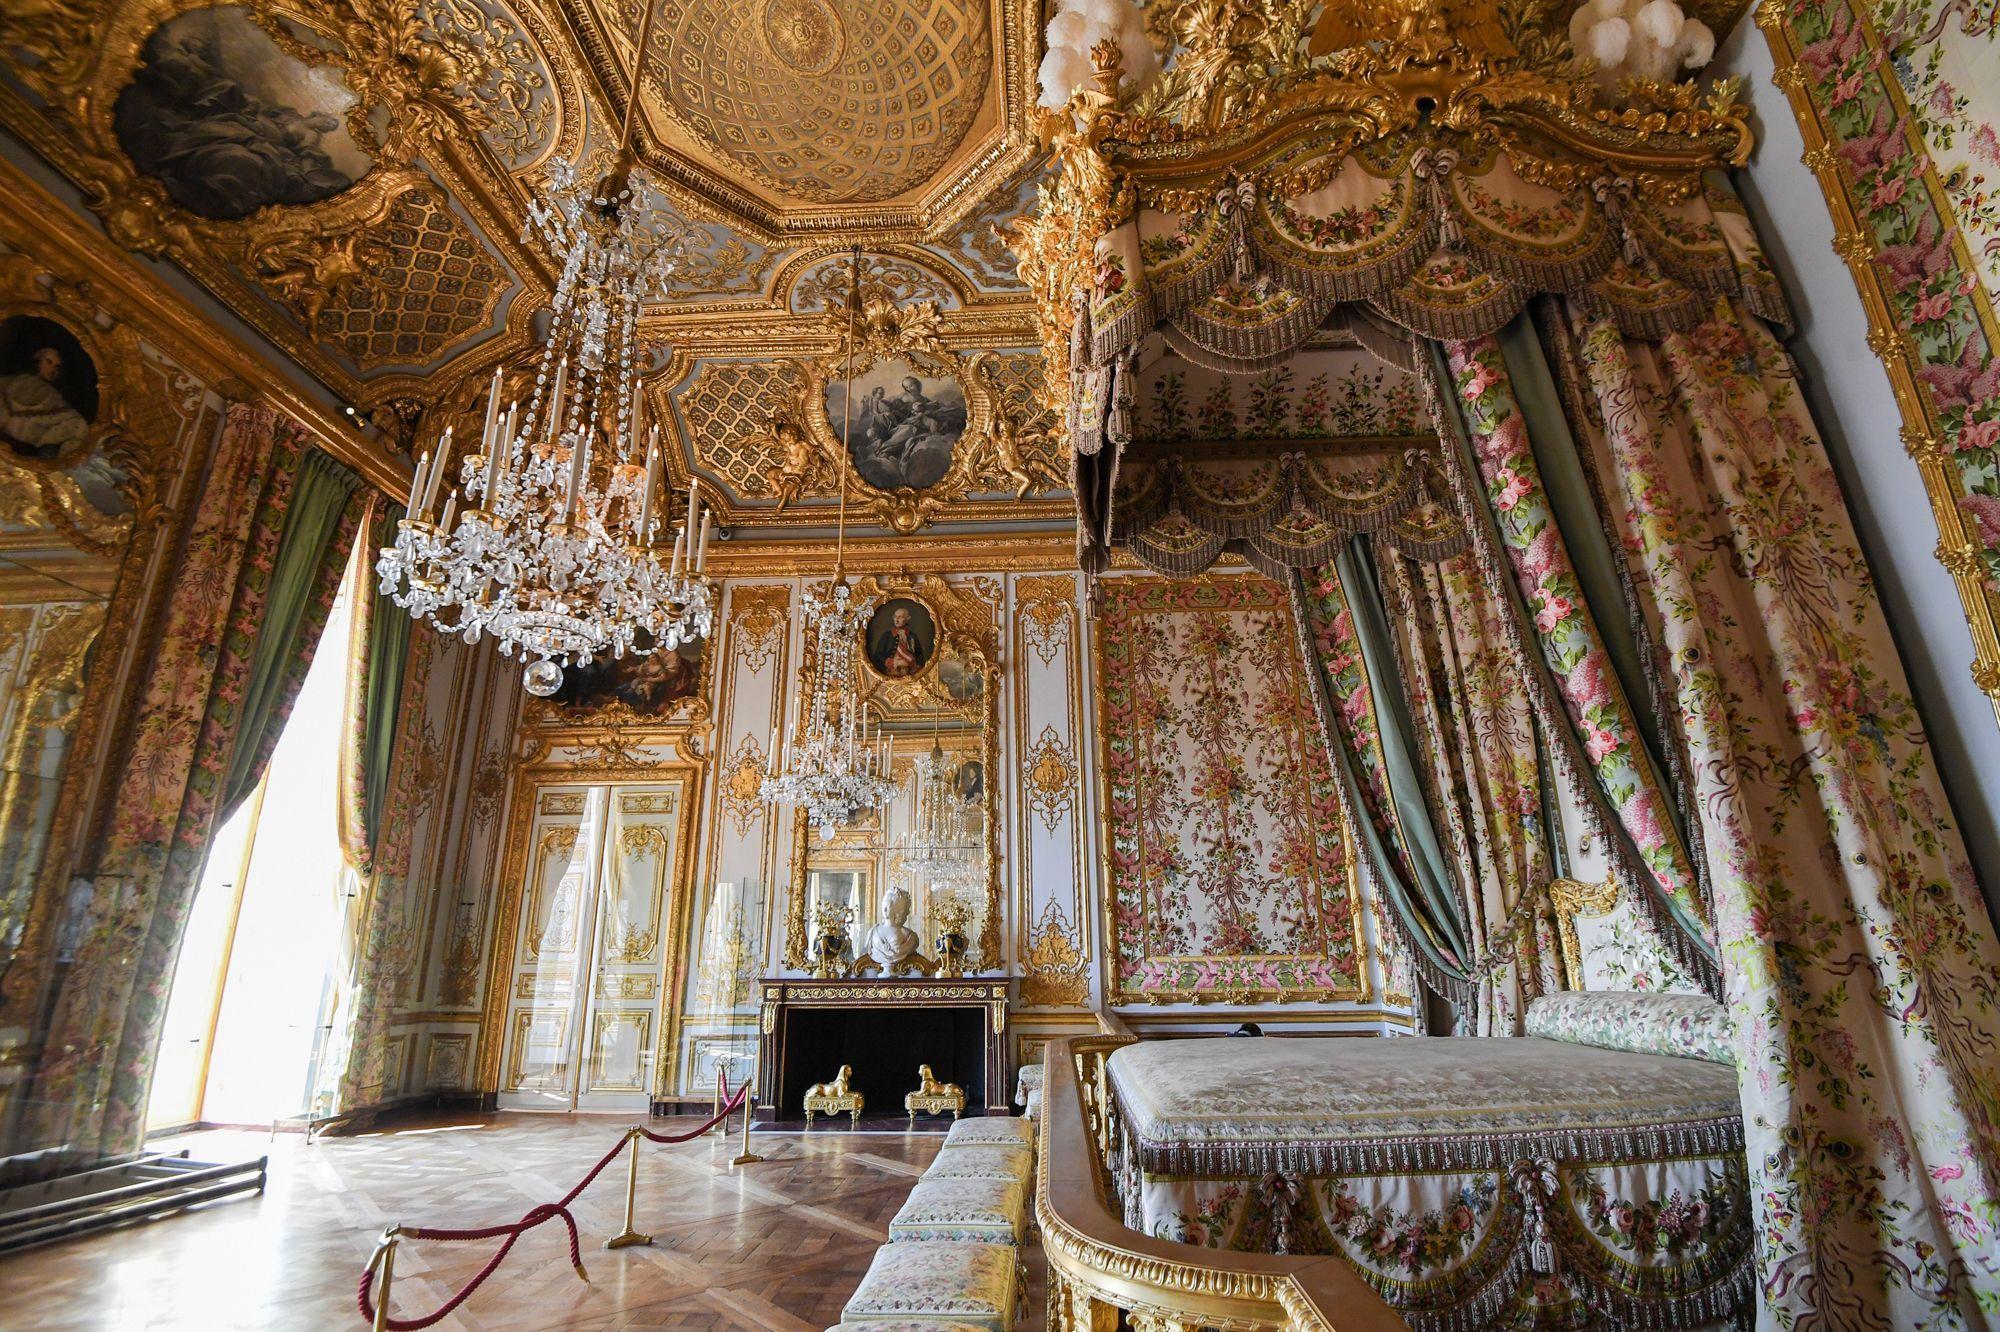 Restauré, le Grand Appartement de la Reine au château de Versailles dévoile  sa splendeur